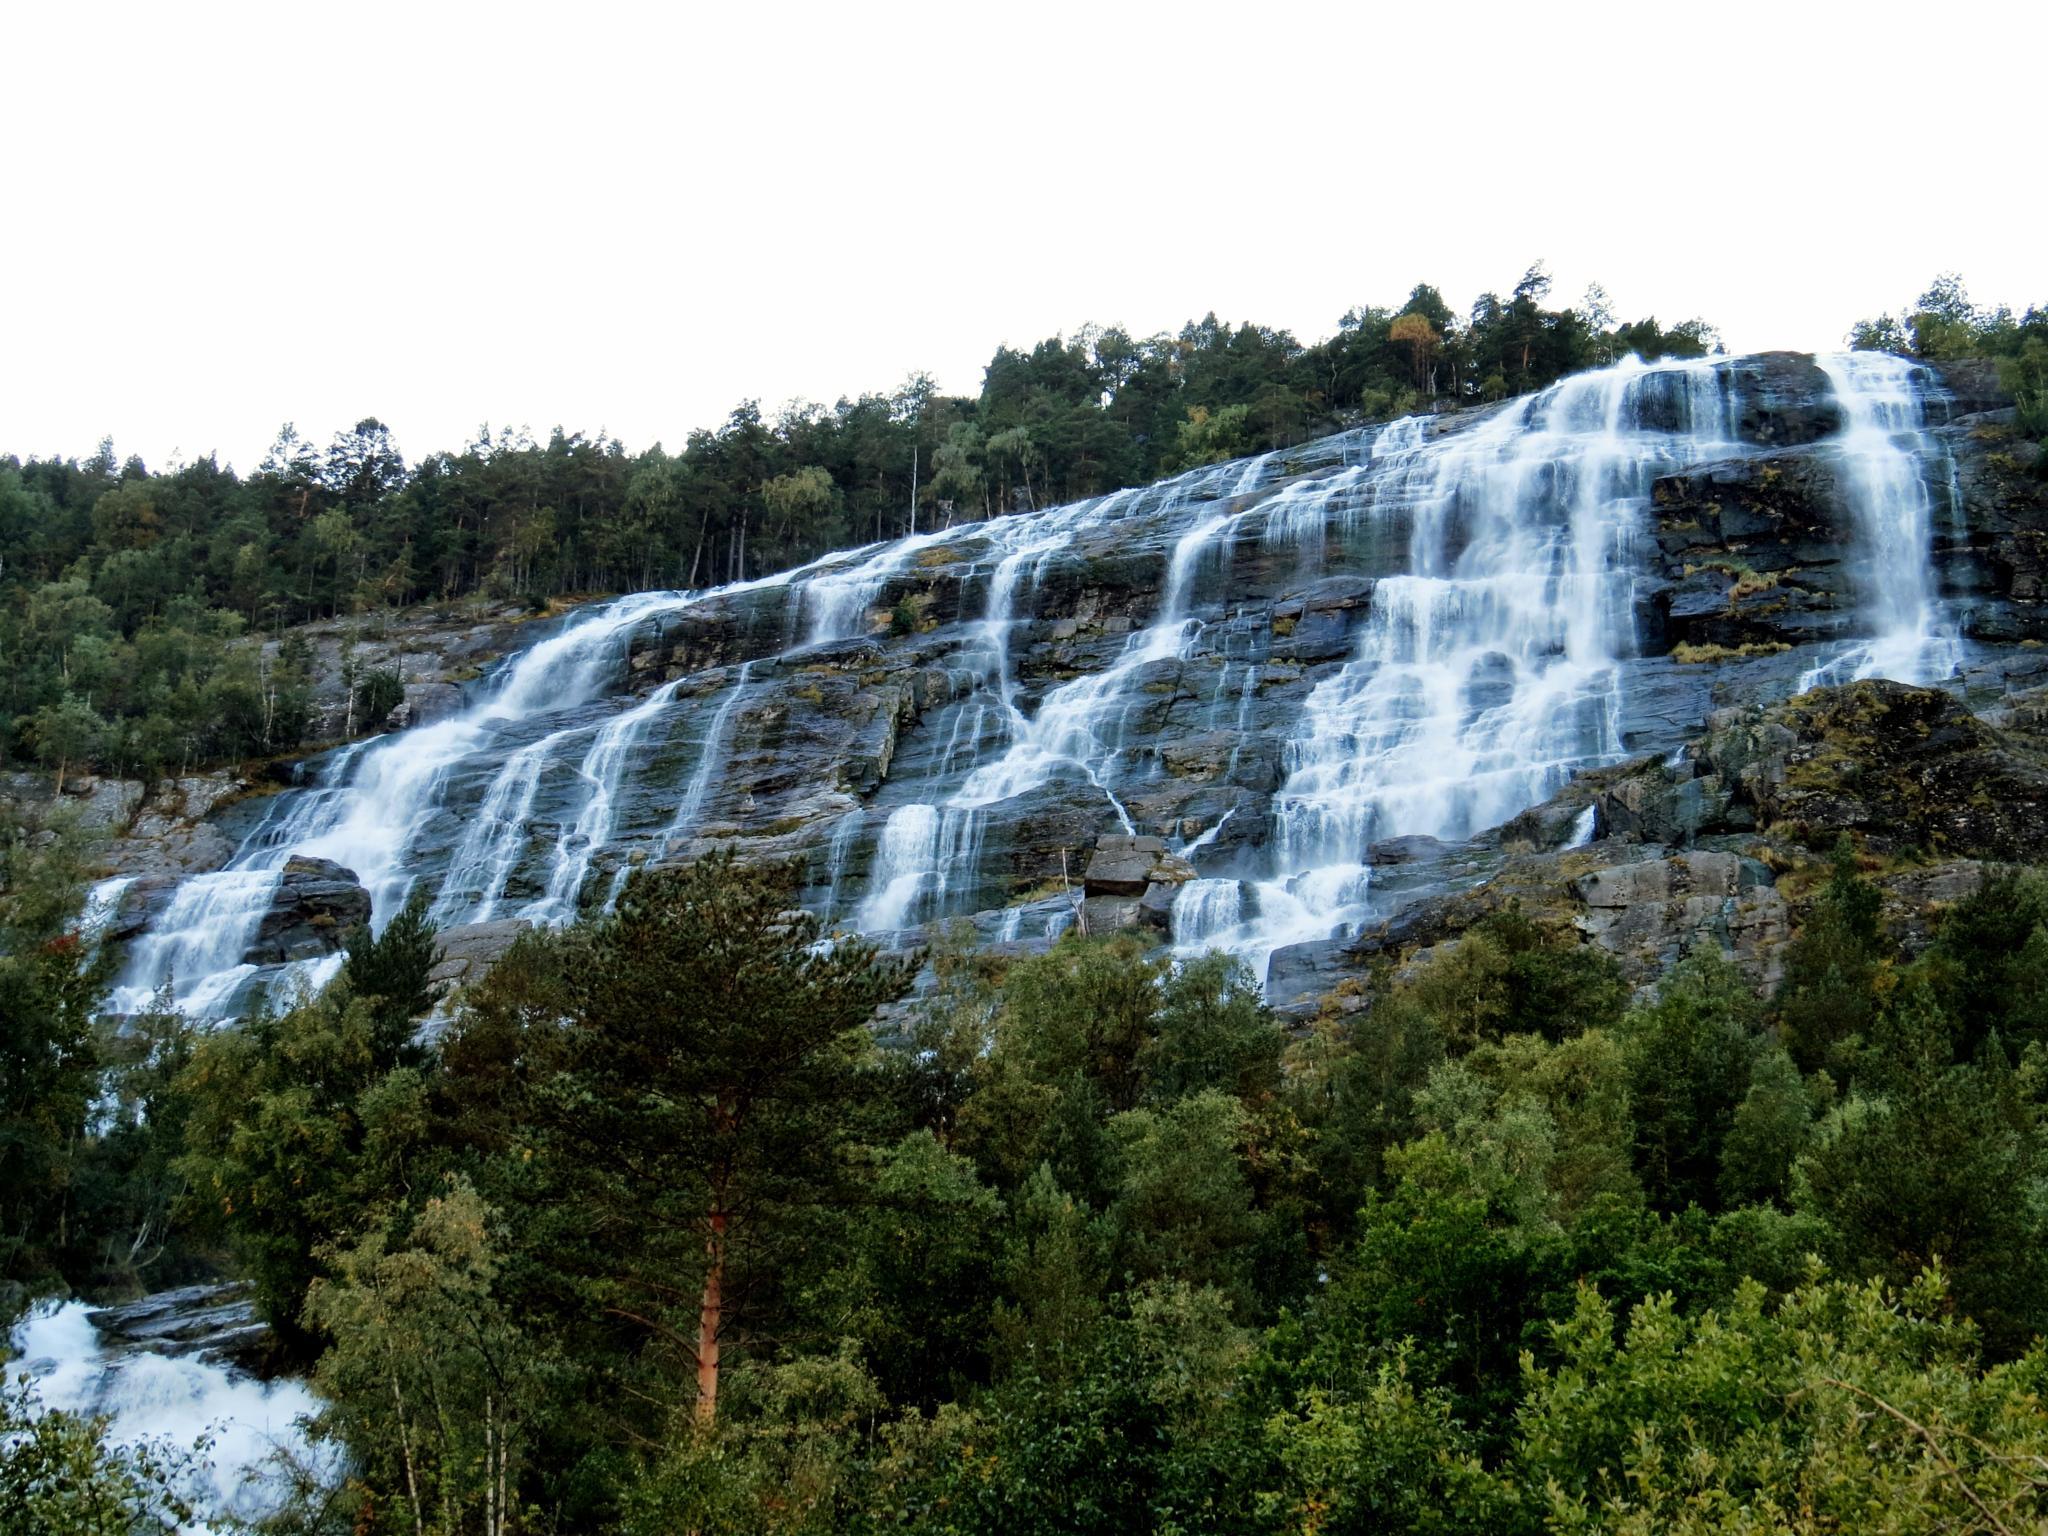 Ædnafossen waterfall by Thor Dullum